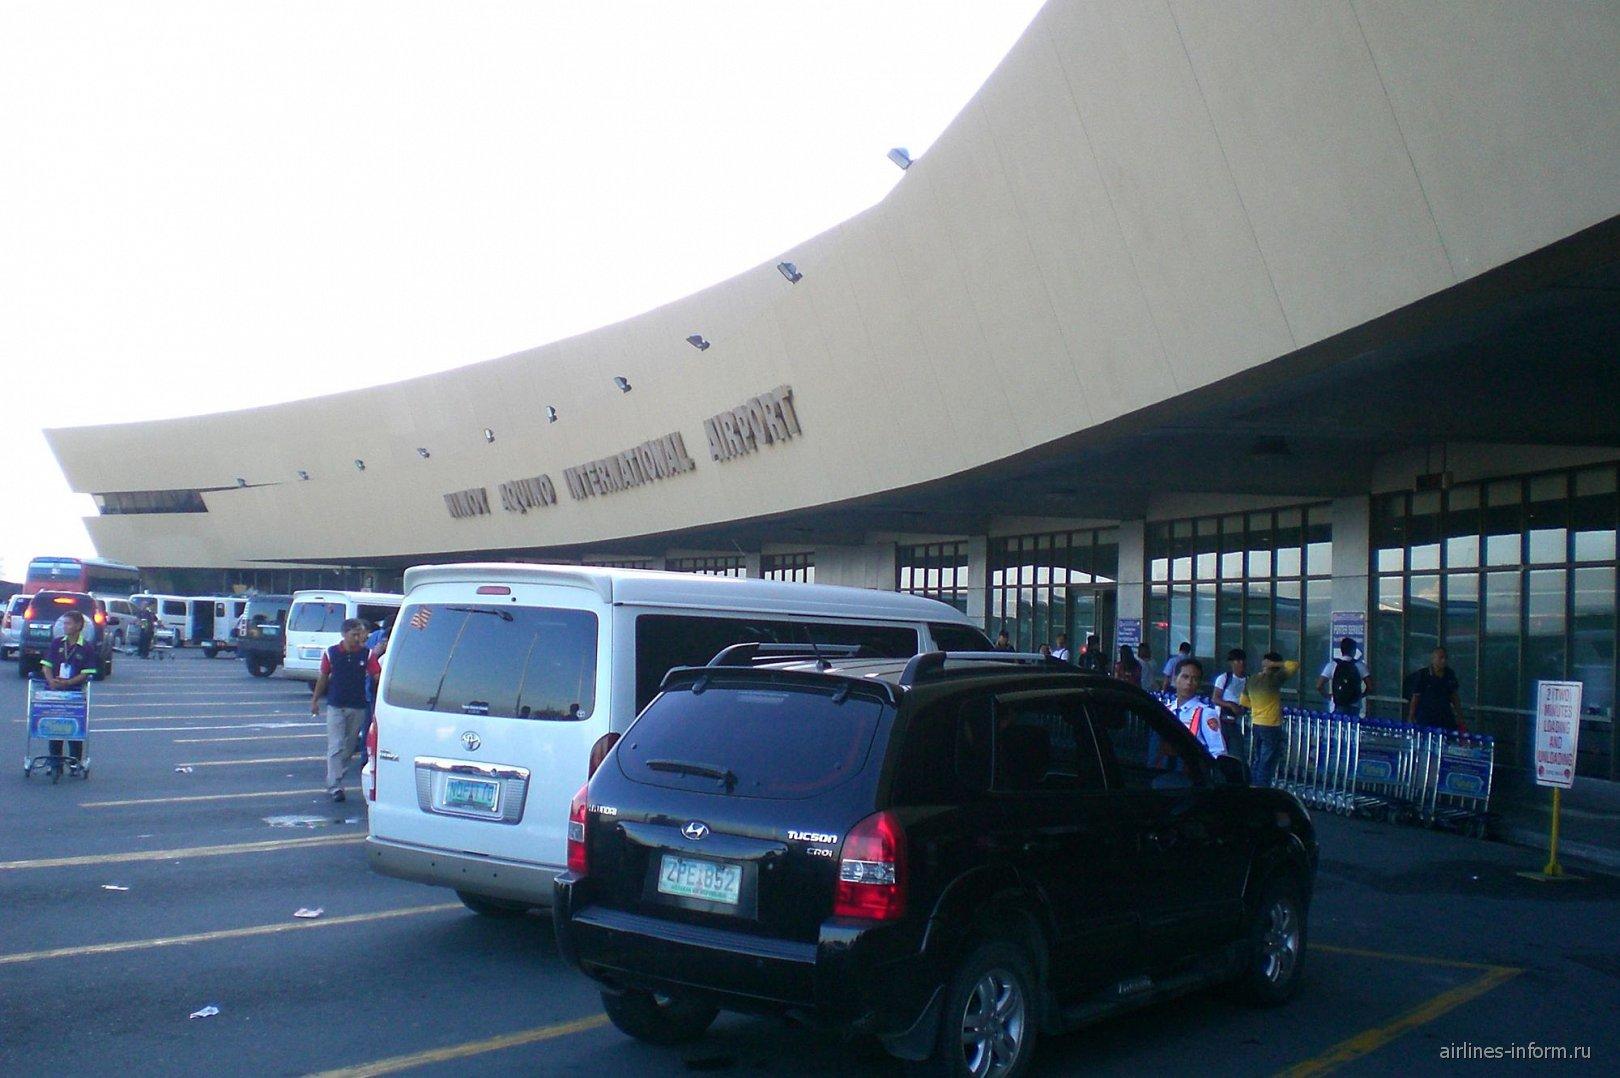 Терминал 1 аэропорта Манилы имени Никой Акуино